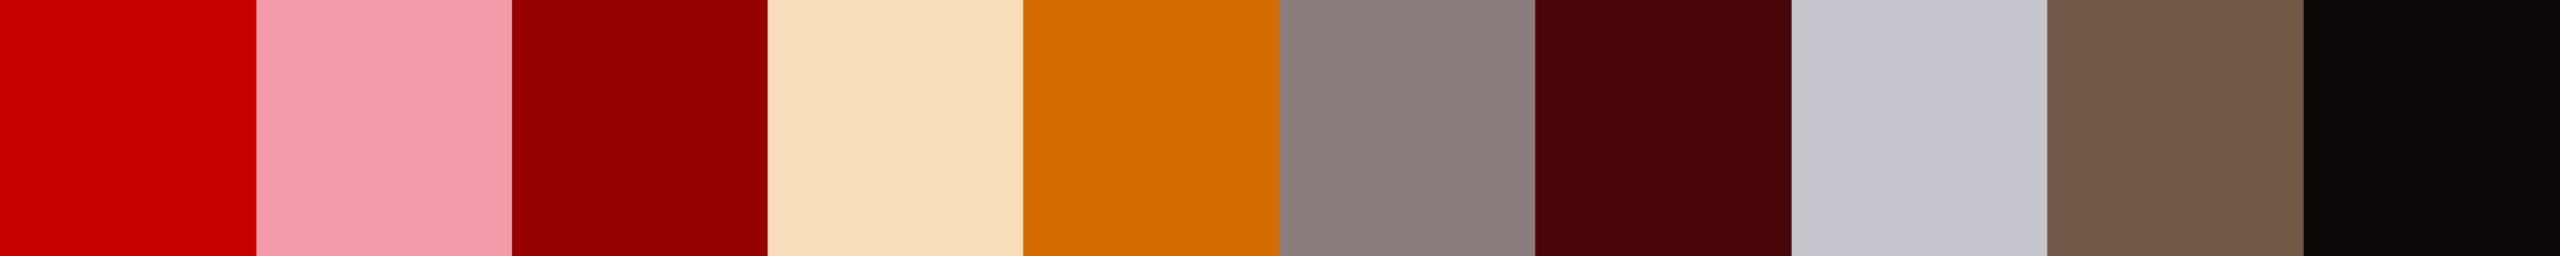 795 Reflecta Color Palette